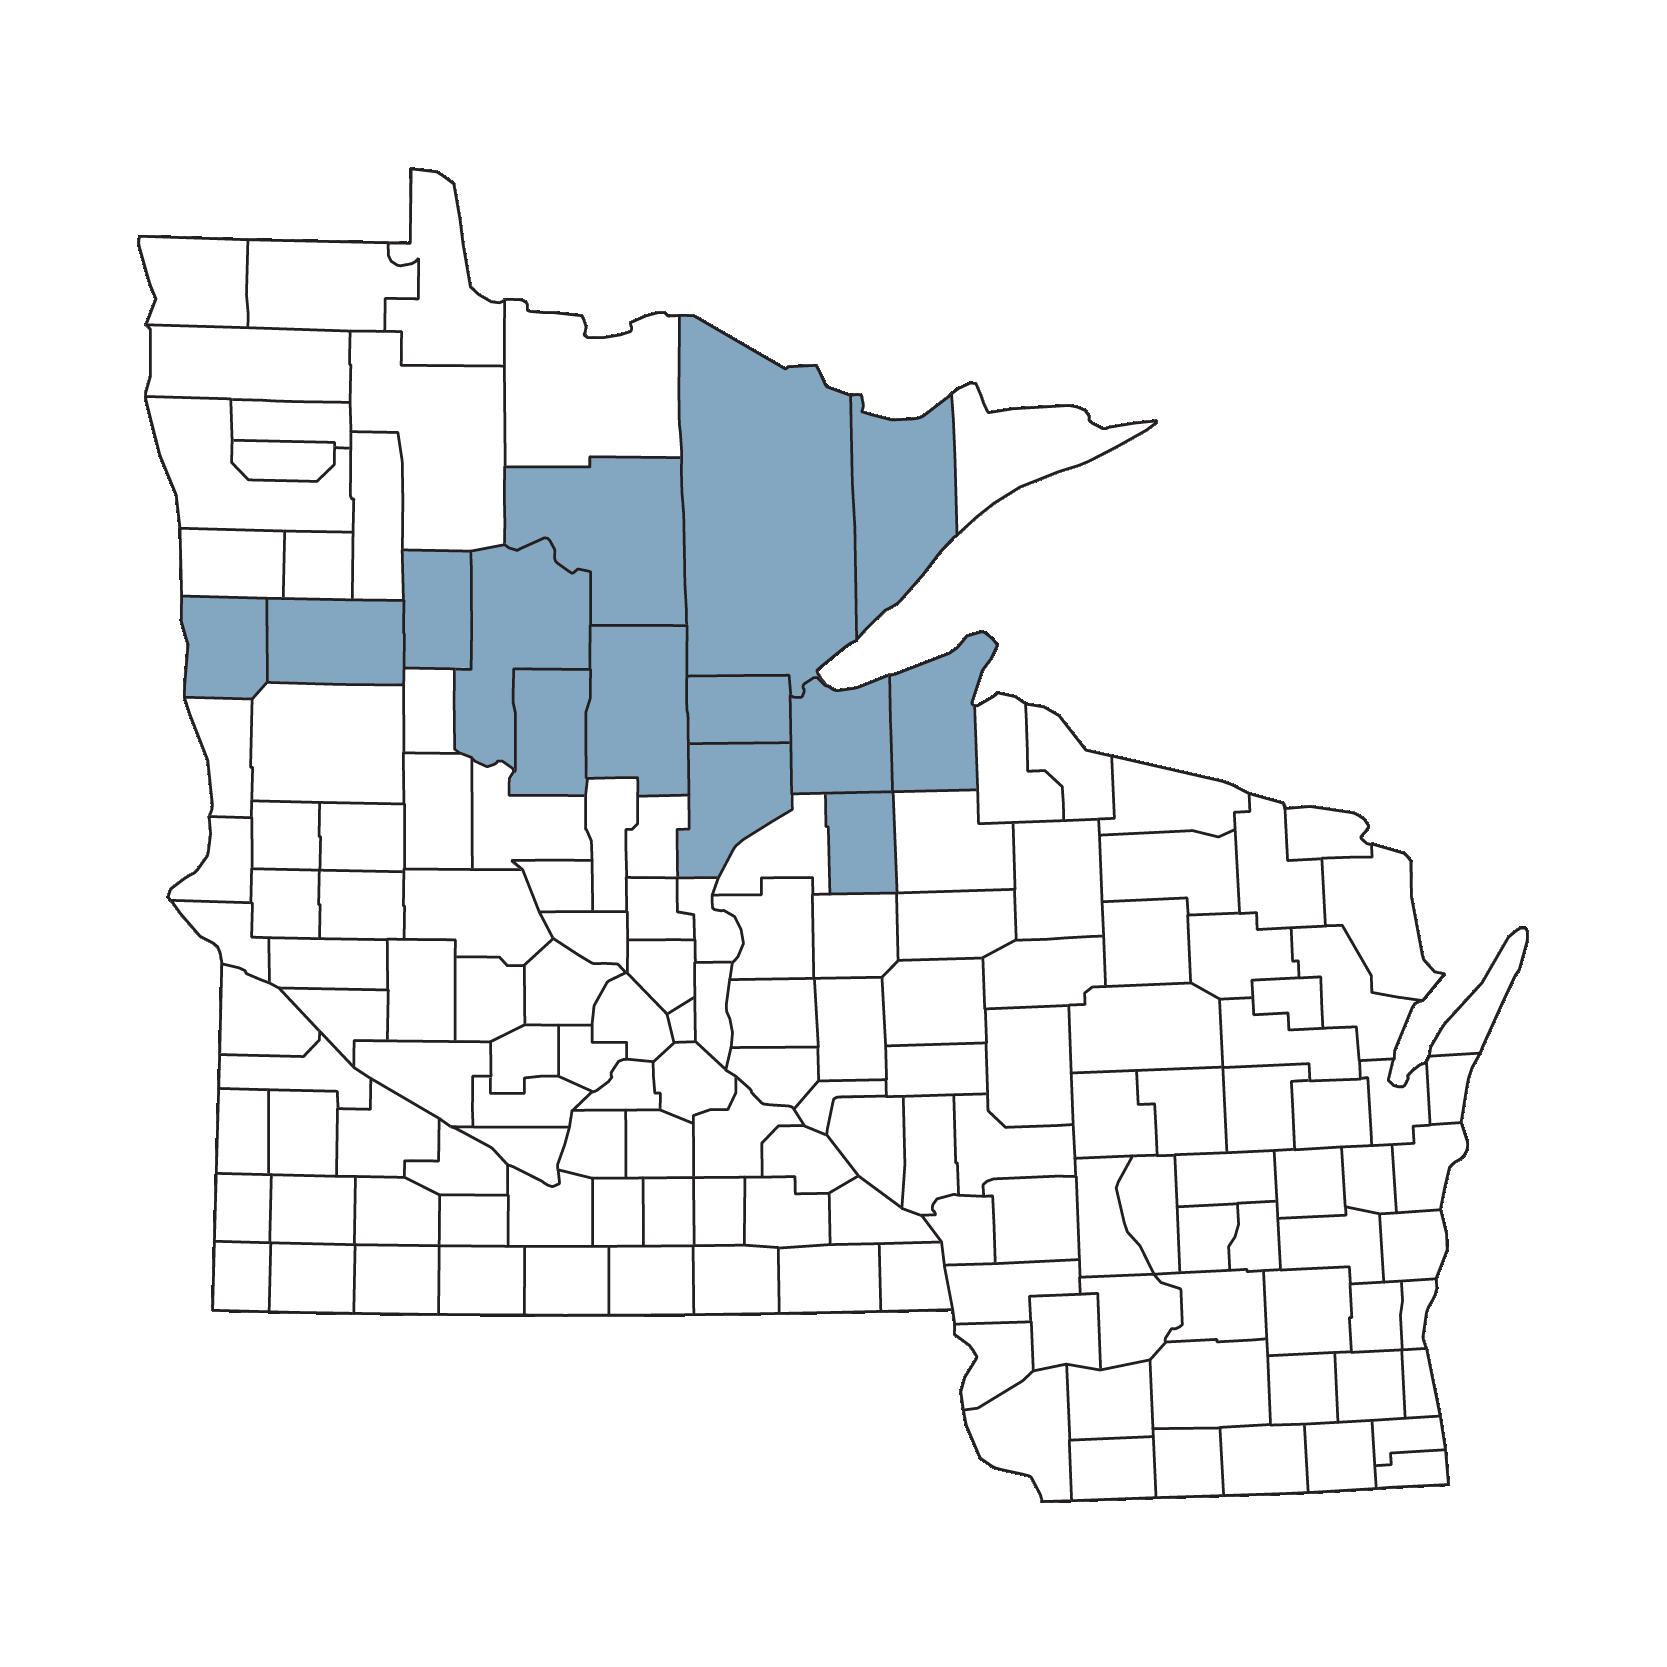 2021 EssentiaCare service area map